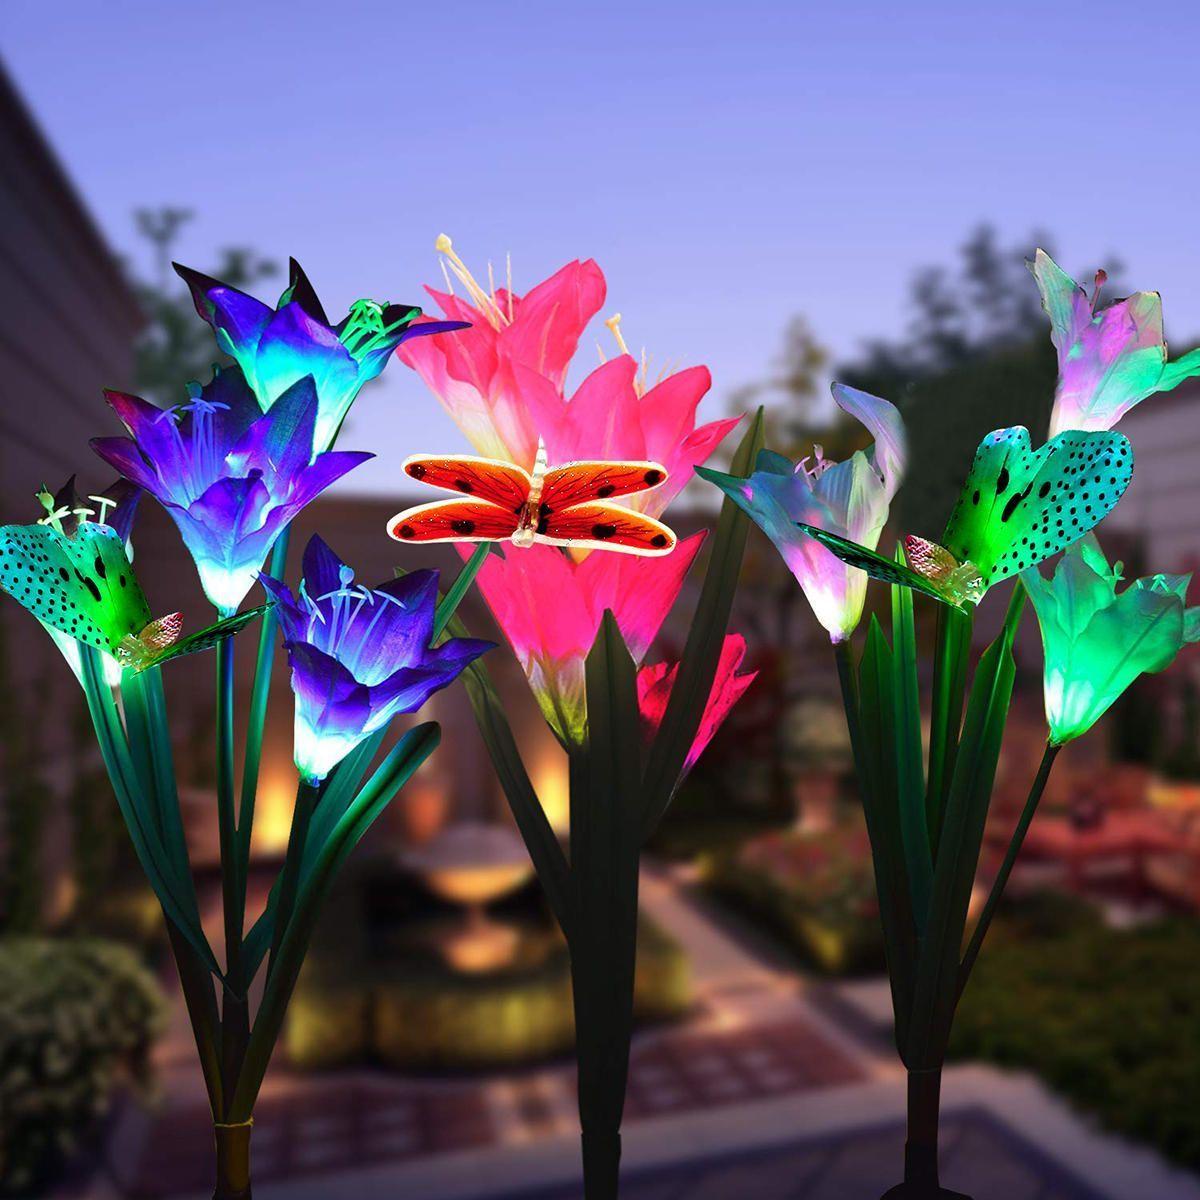 2 Teile Satz Wasserdichte Led Solar Stake Lilie Blume Licht Outdoor Garten Rasen Blume Gart In 2020 Solar Flower Flower Lights Solar Flower Lights